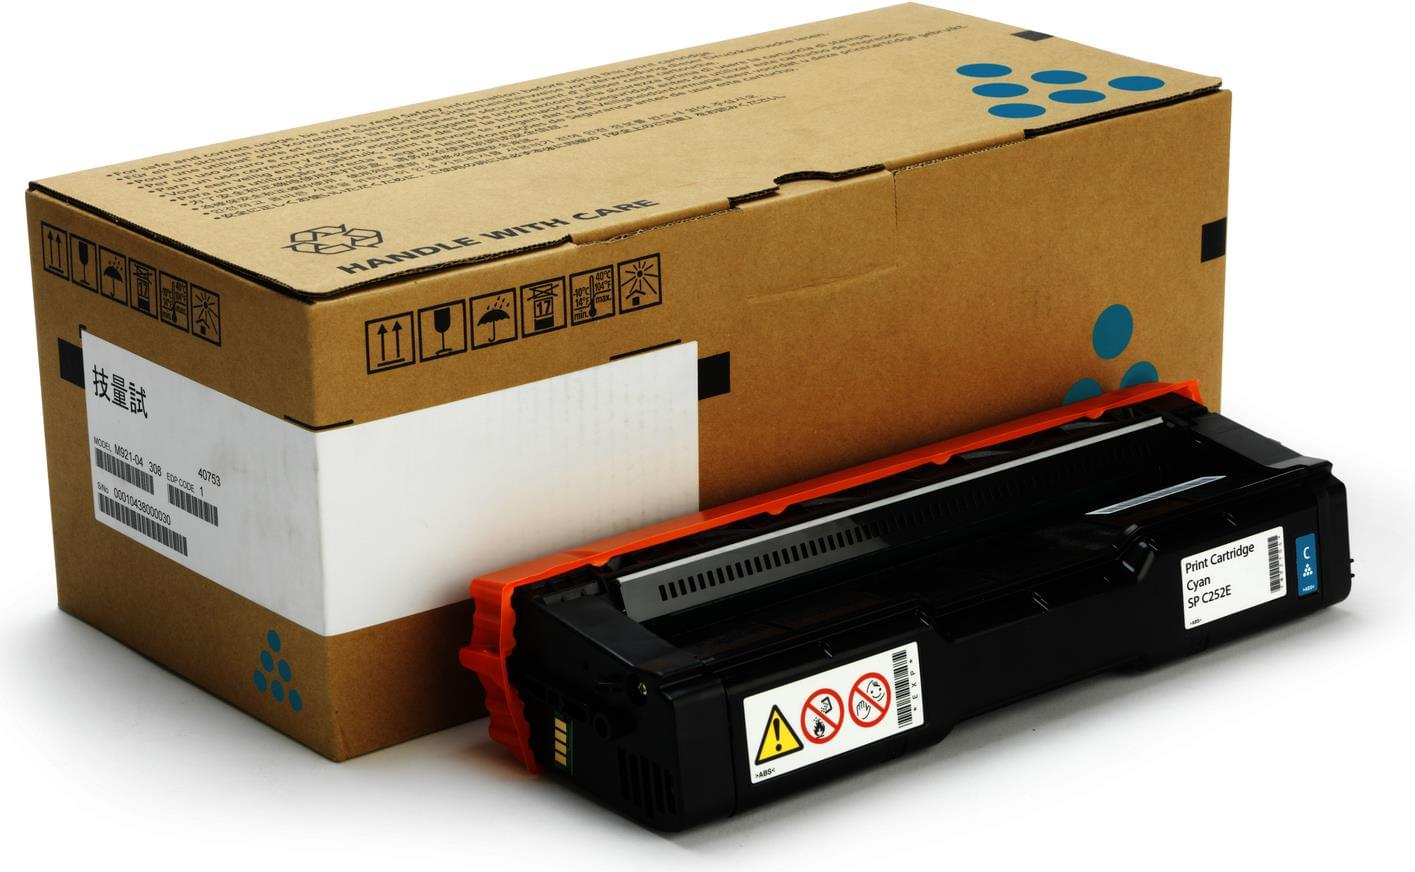 Toner Cyan 1600p SPC250 - 407544 pour imprimante Laser Ricoh - 0